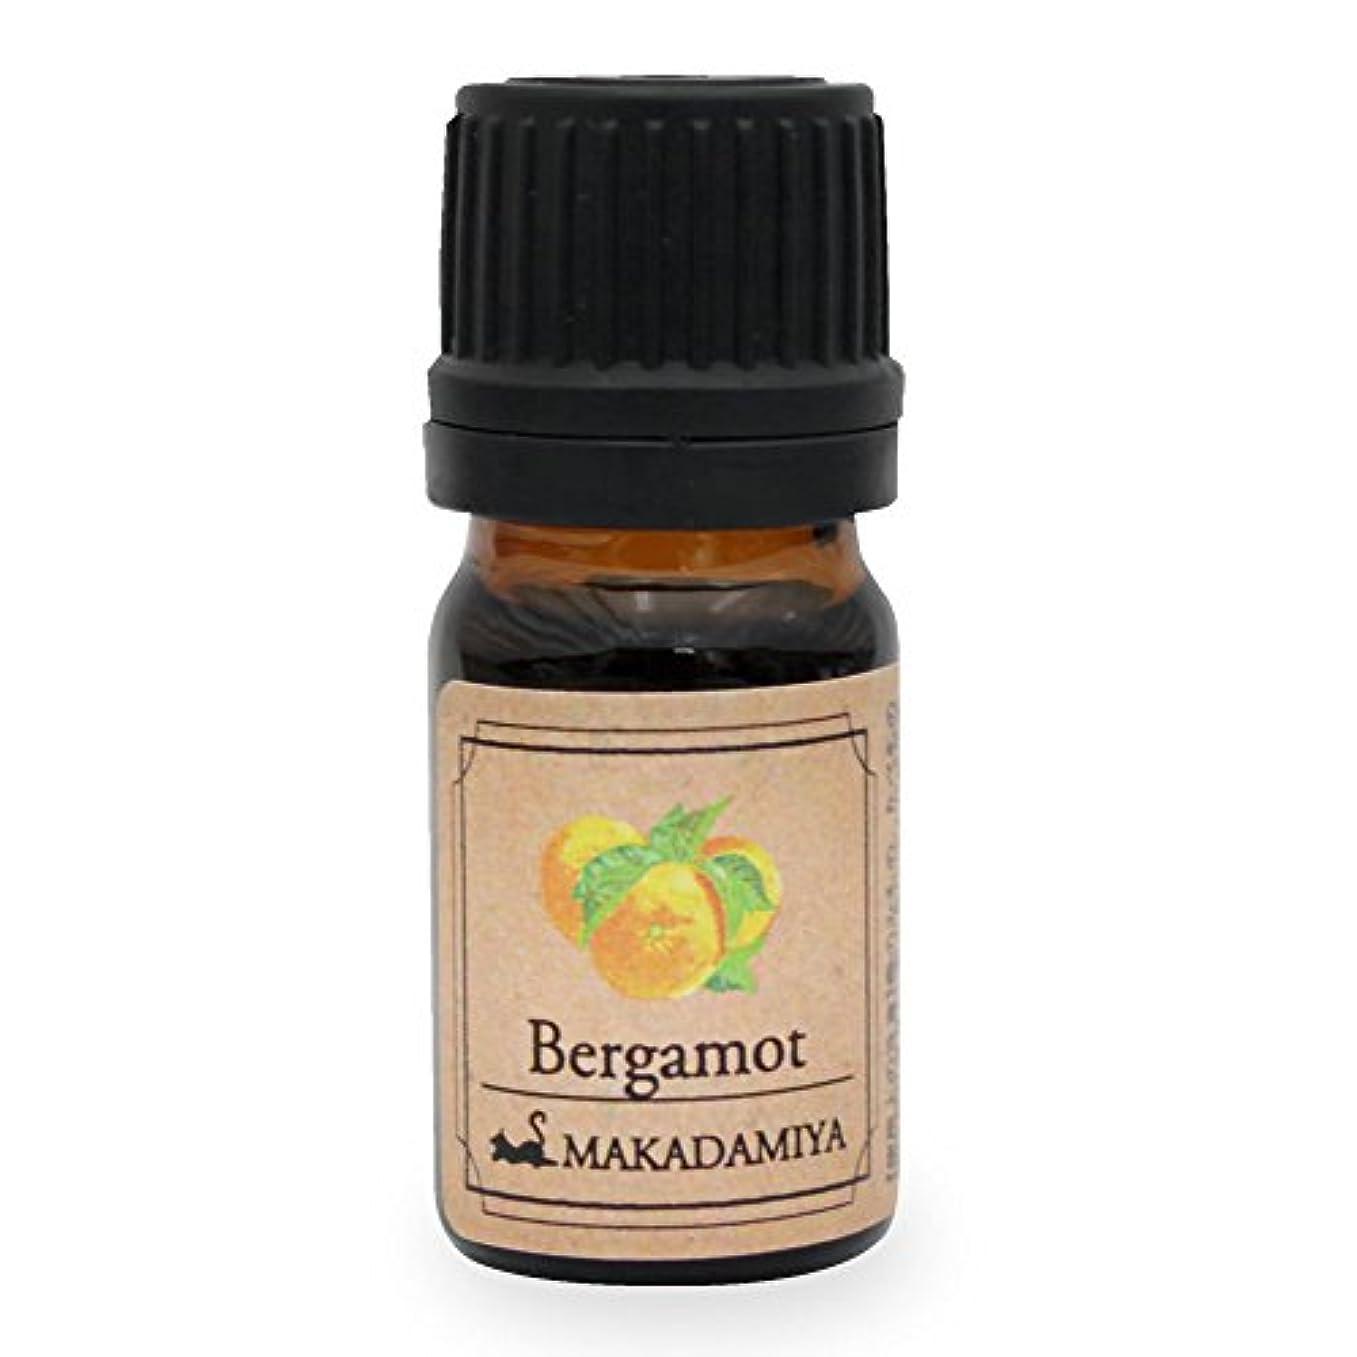 鋸歯状報告書地元ベルガモット5ml 天然100%植物性 エッセンシャルオイル(精油) アロマオイル アロママッサージ aroma Bergamot